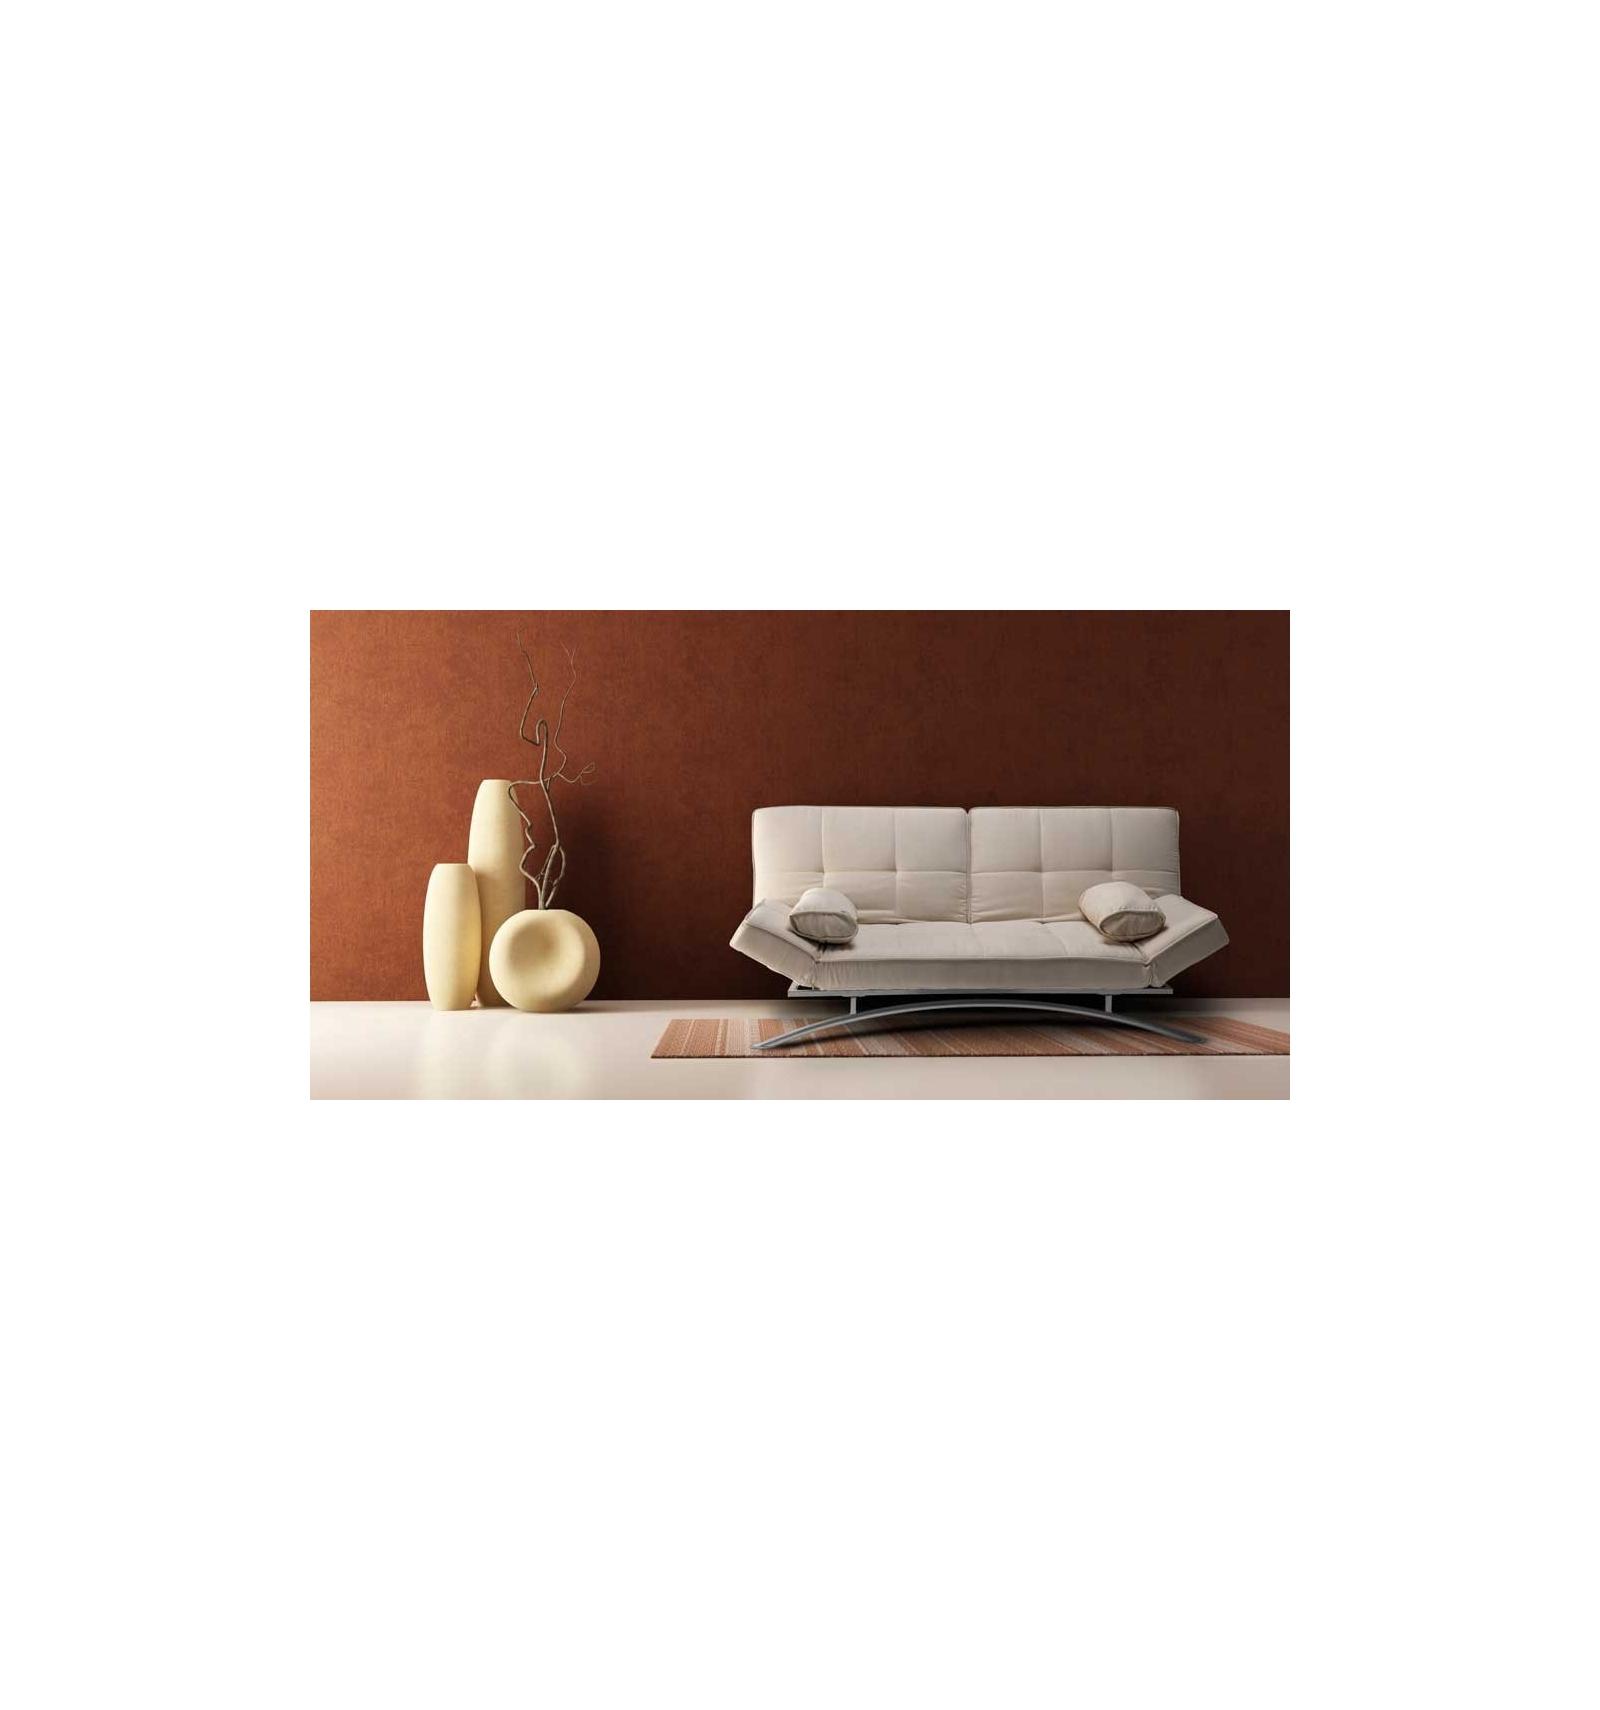 Sof cama clic clac branco for Sofa cama clic clac conforama